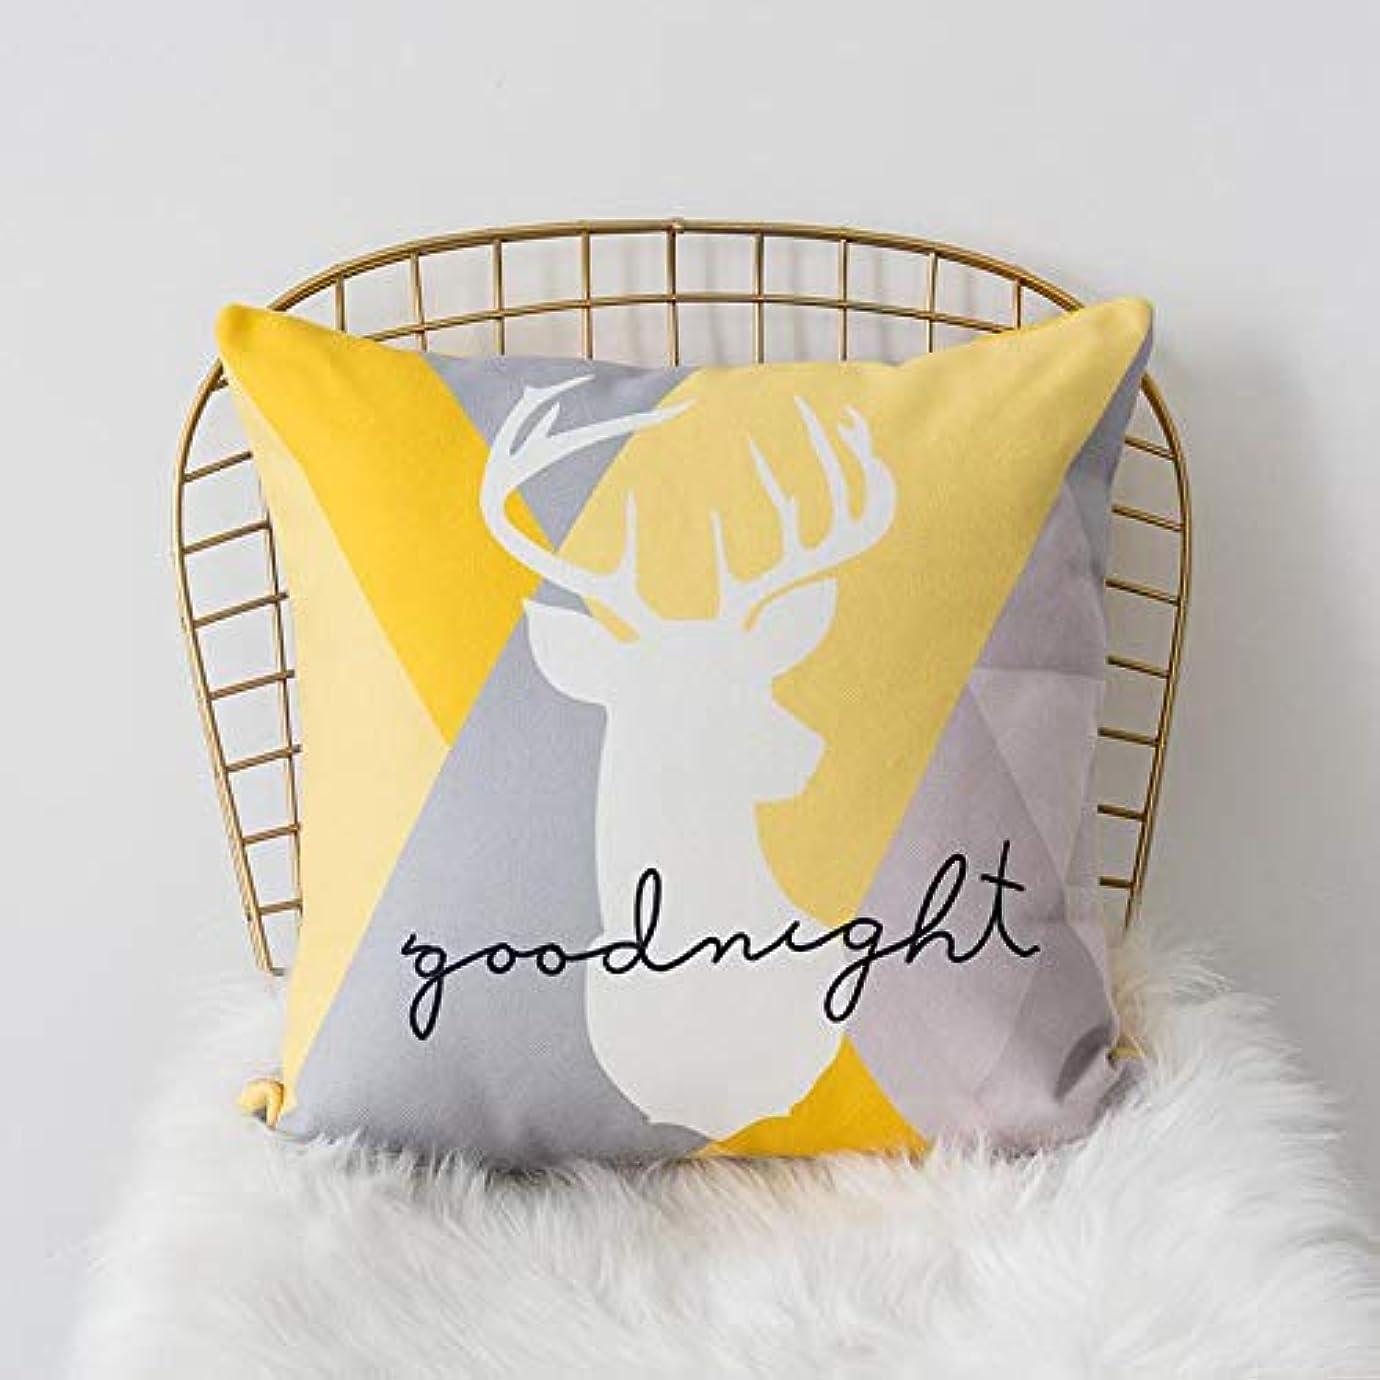 寄生虫九月保存するSMART 黄色グレー枕北欧スタイル黄色ヘラジカ幾何枕リビングルームのインテリアソファクッション Cojines 装飾良質 クッション 椅子